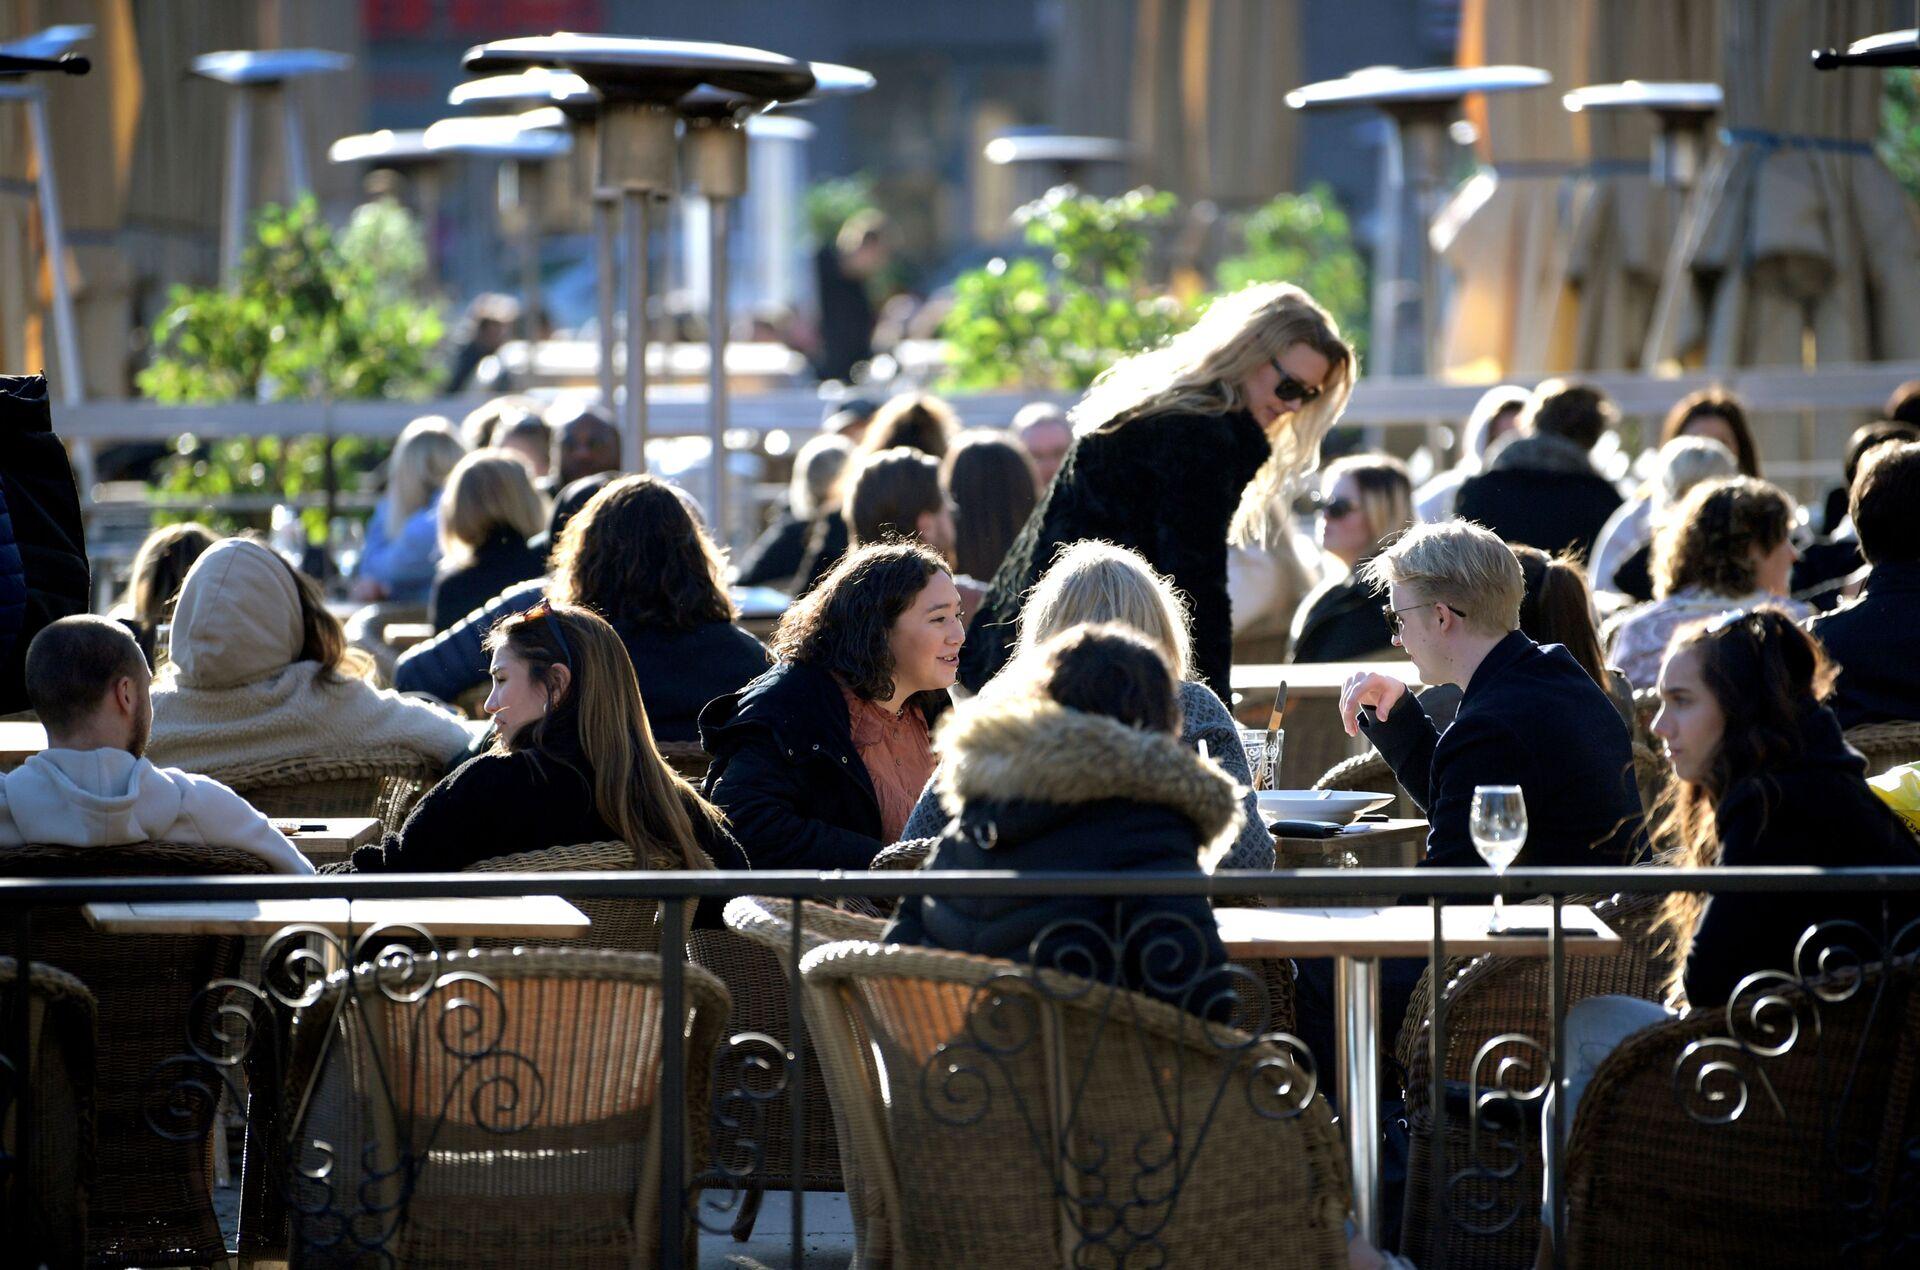 Sunčan dan u Stokholmu u toku pandemije, 24. mart 2021. - Sputnik Srbija, 1920, 18.09.2021